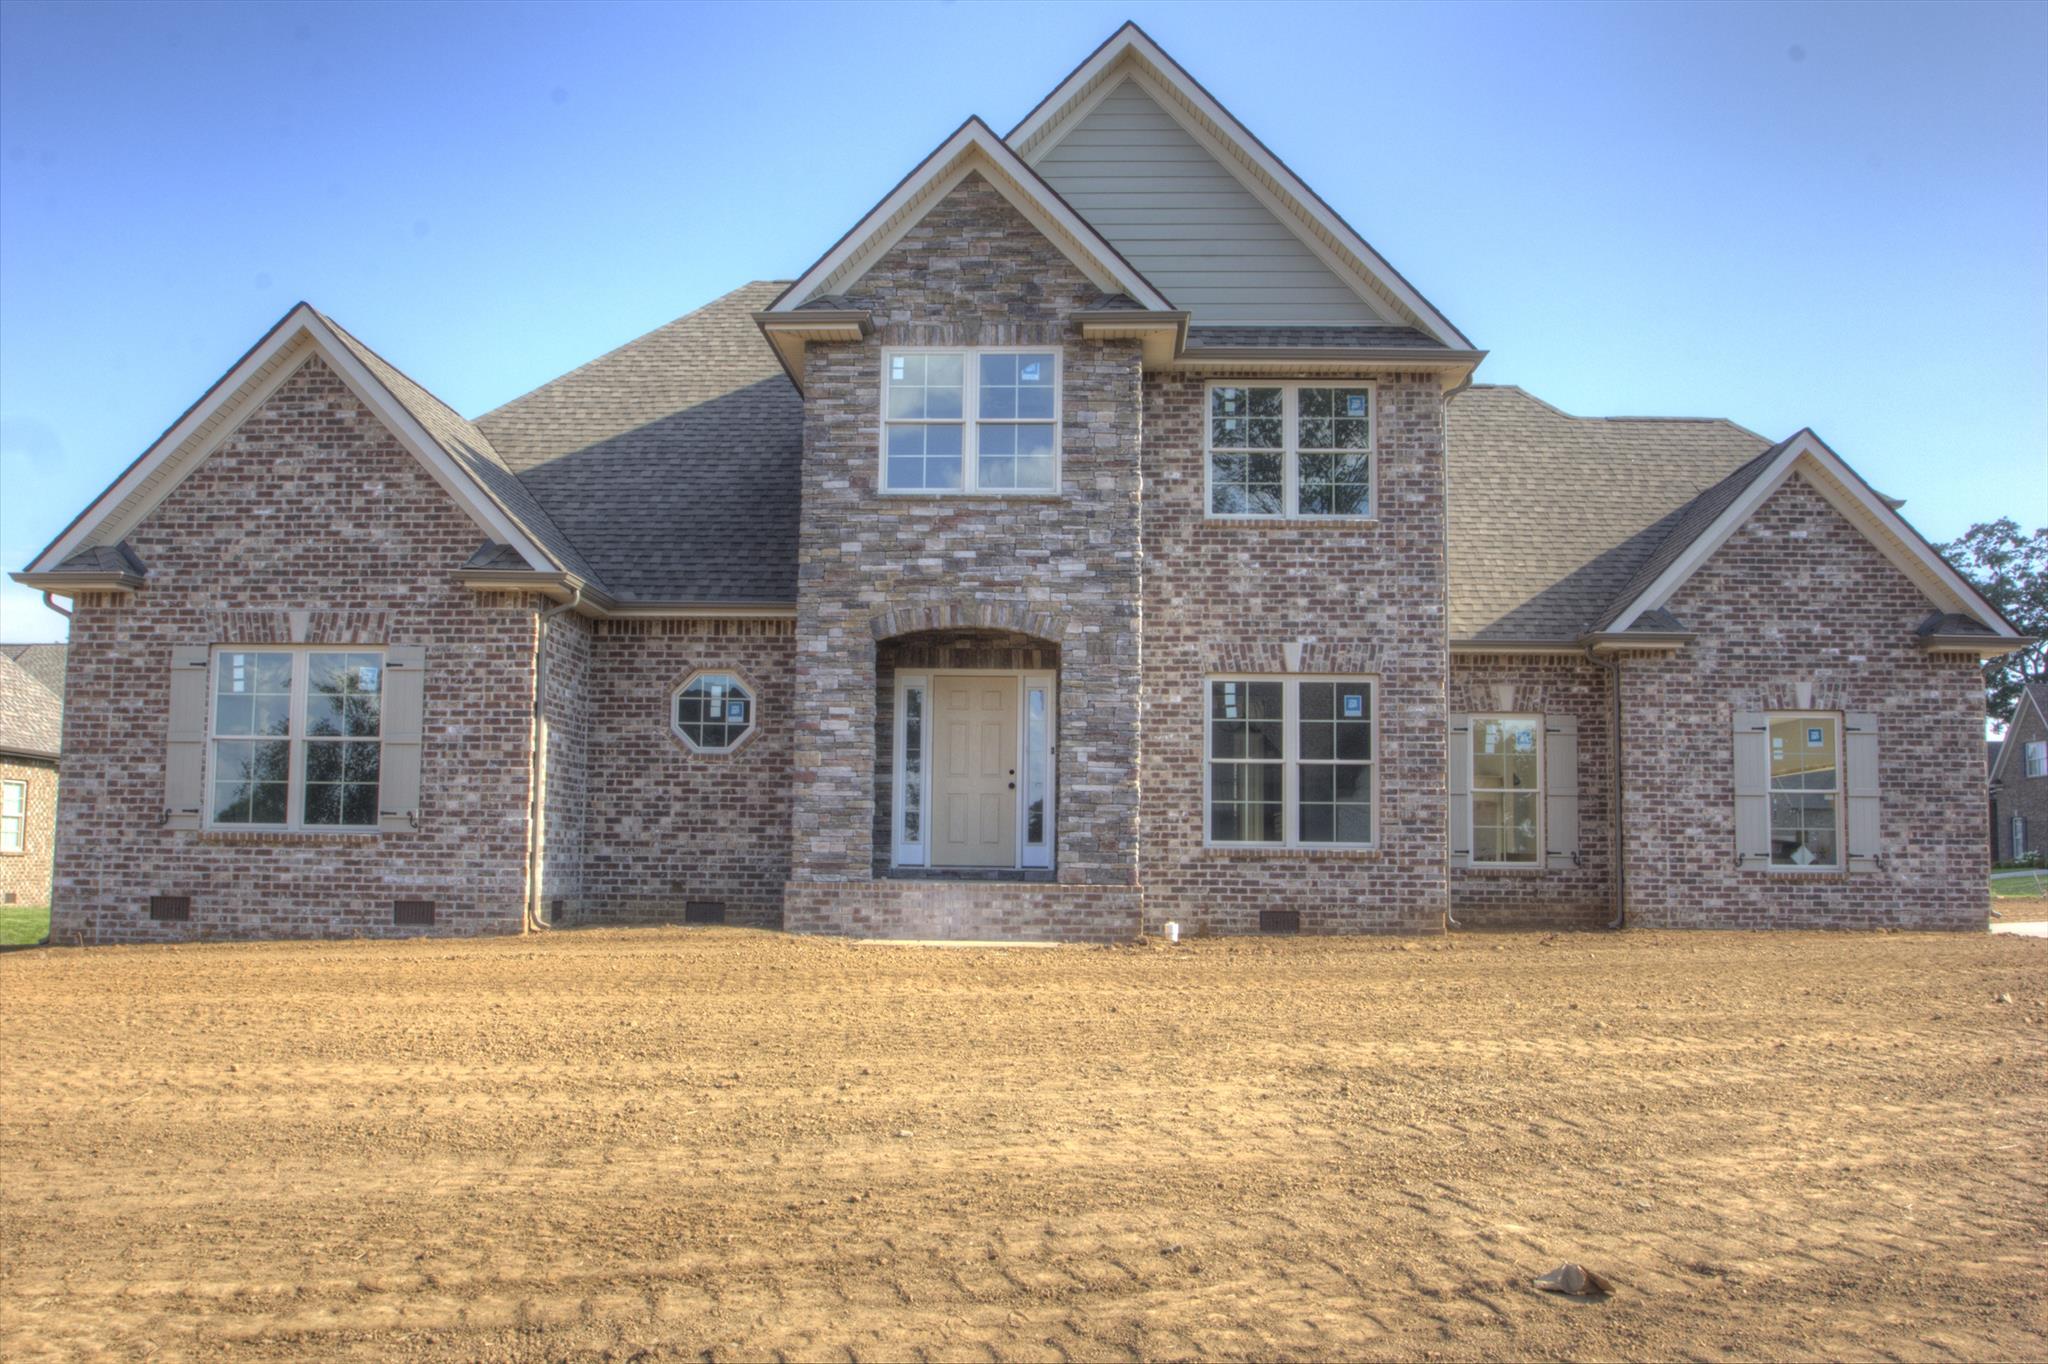 4543 Garcia Blvd, Murfreesboro, TN 37128